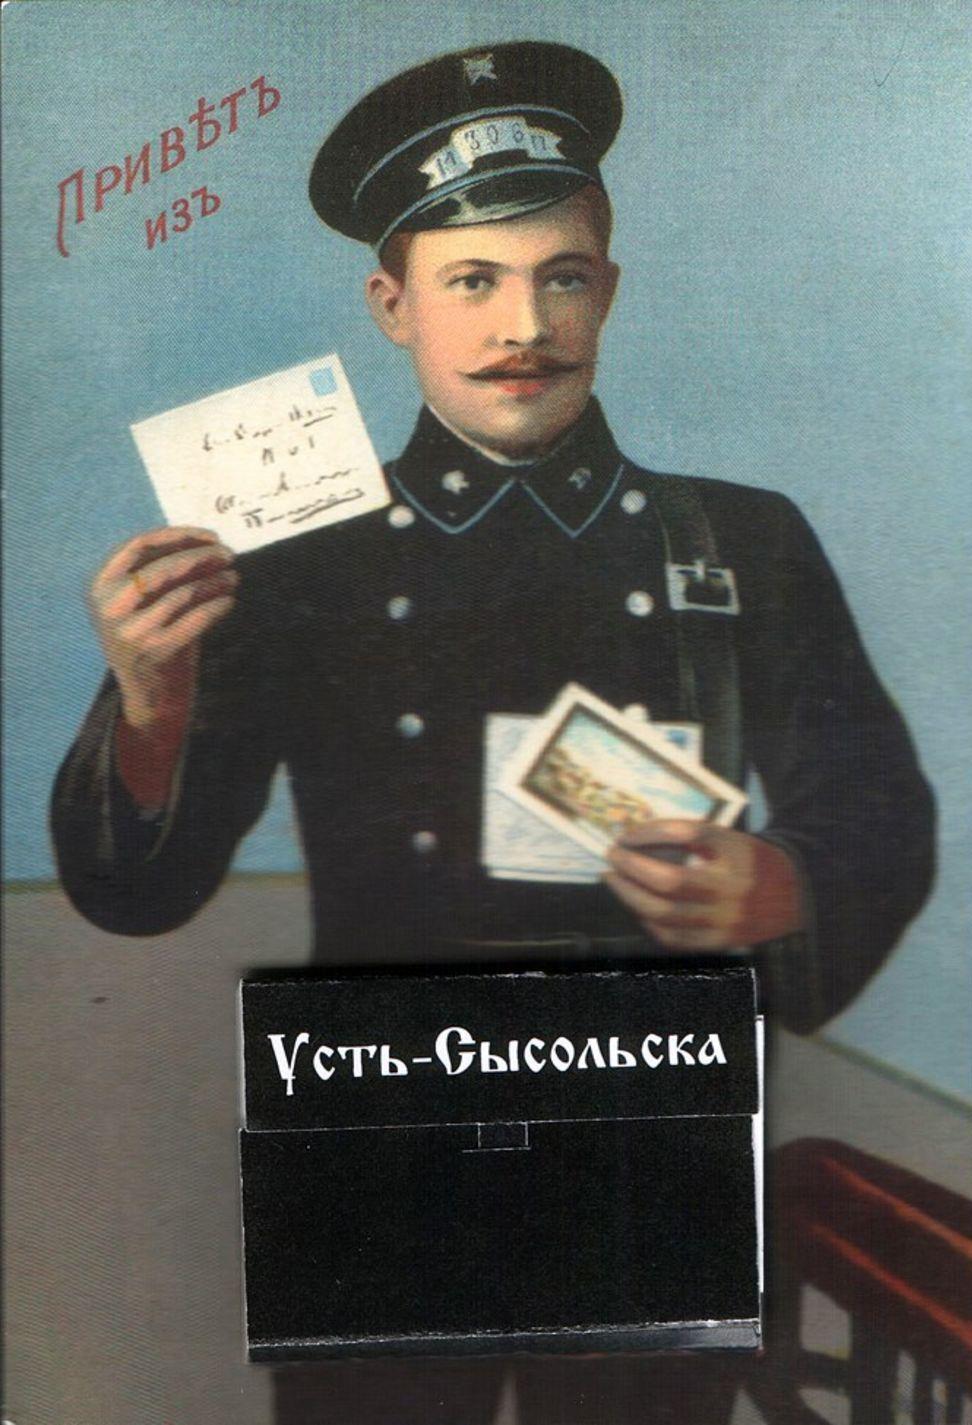 Привет из Усть-Сысольска